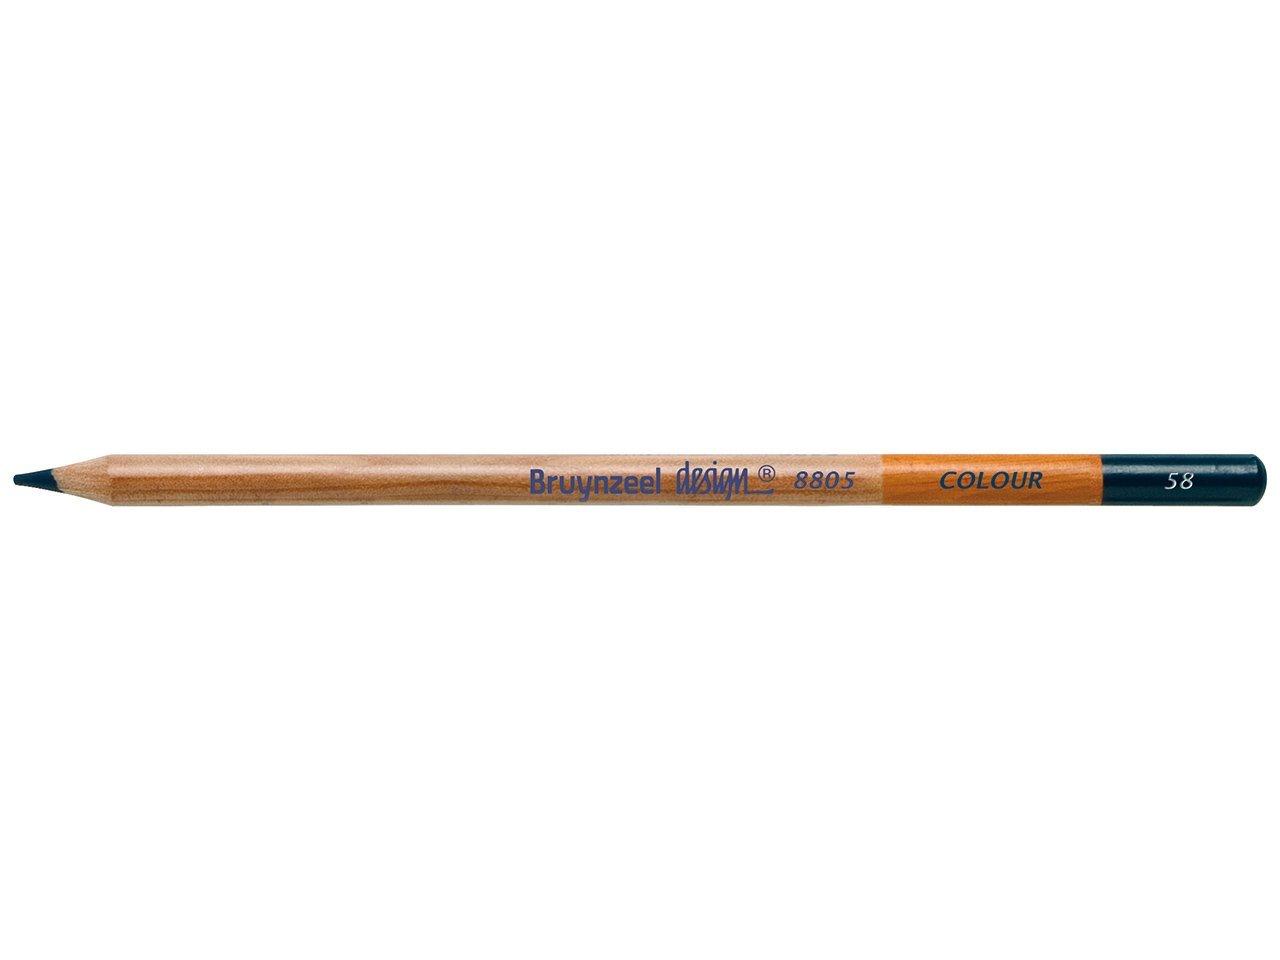 Bruynzeel Pencil - 58 Prussian Blue